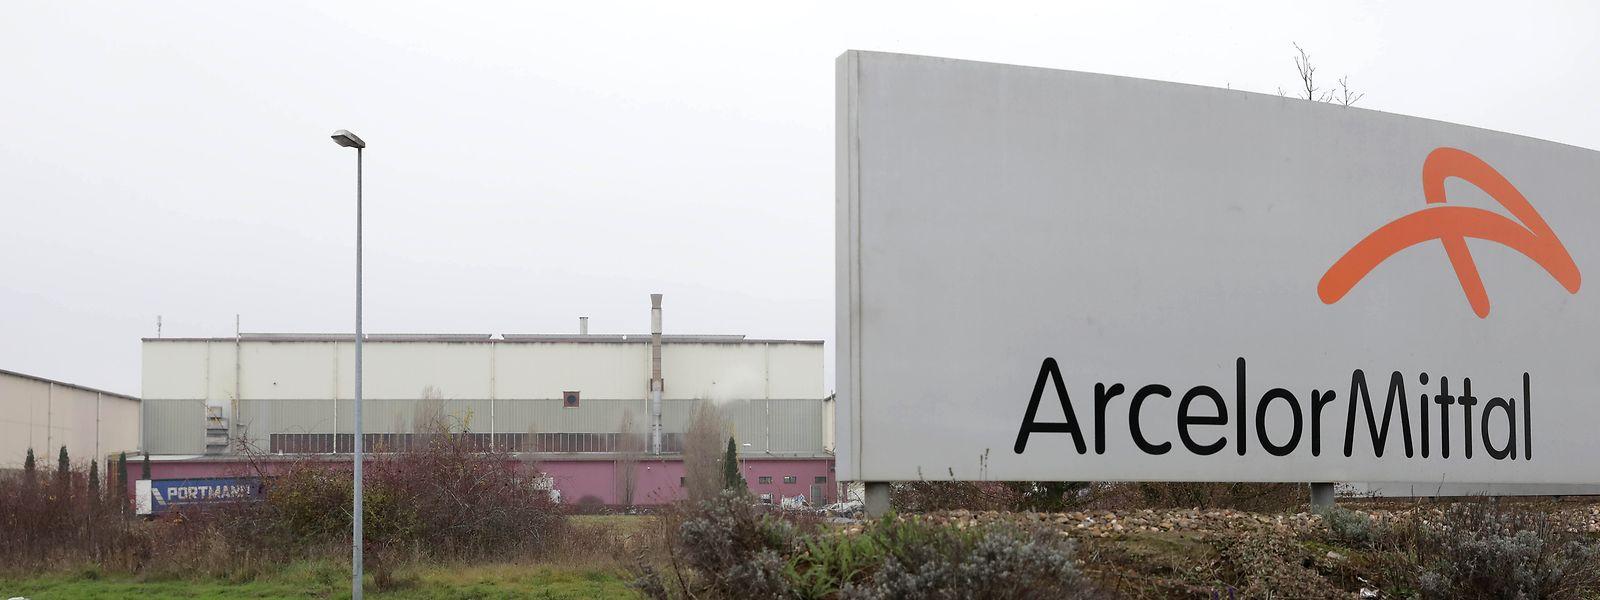 Le géant de l'acier emploie 3.800 salariés au Luxembourg.